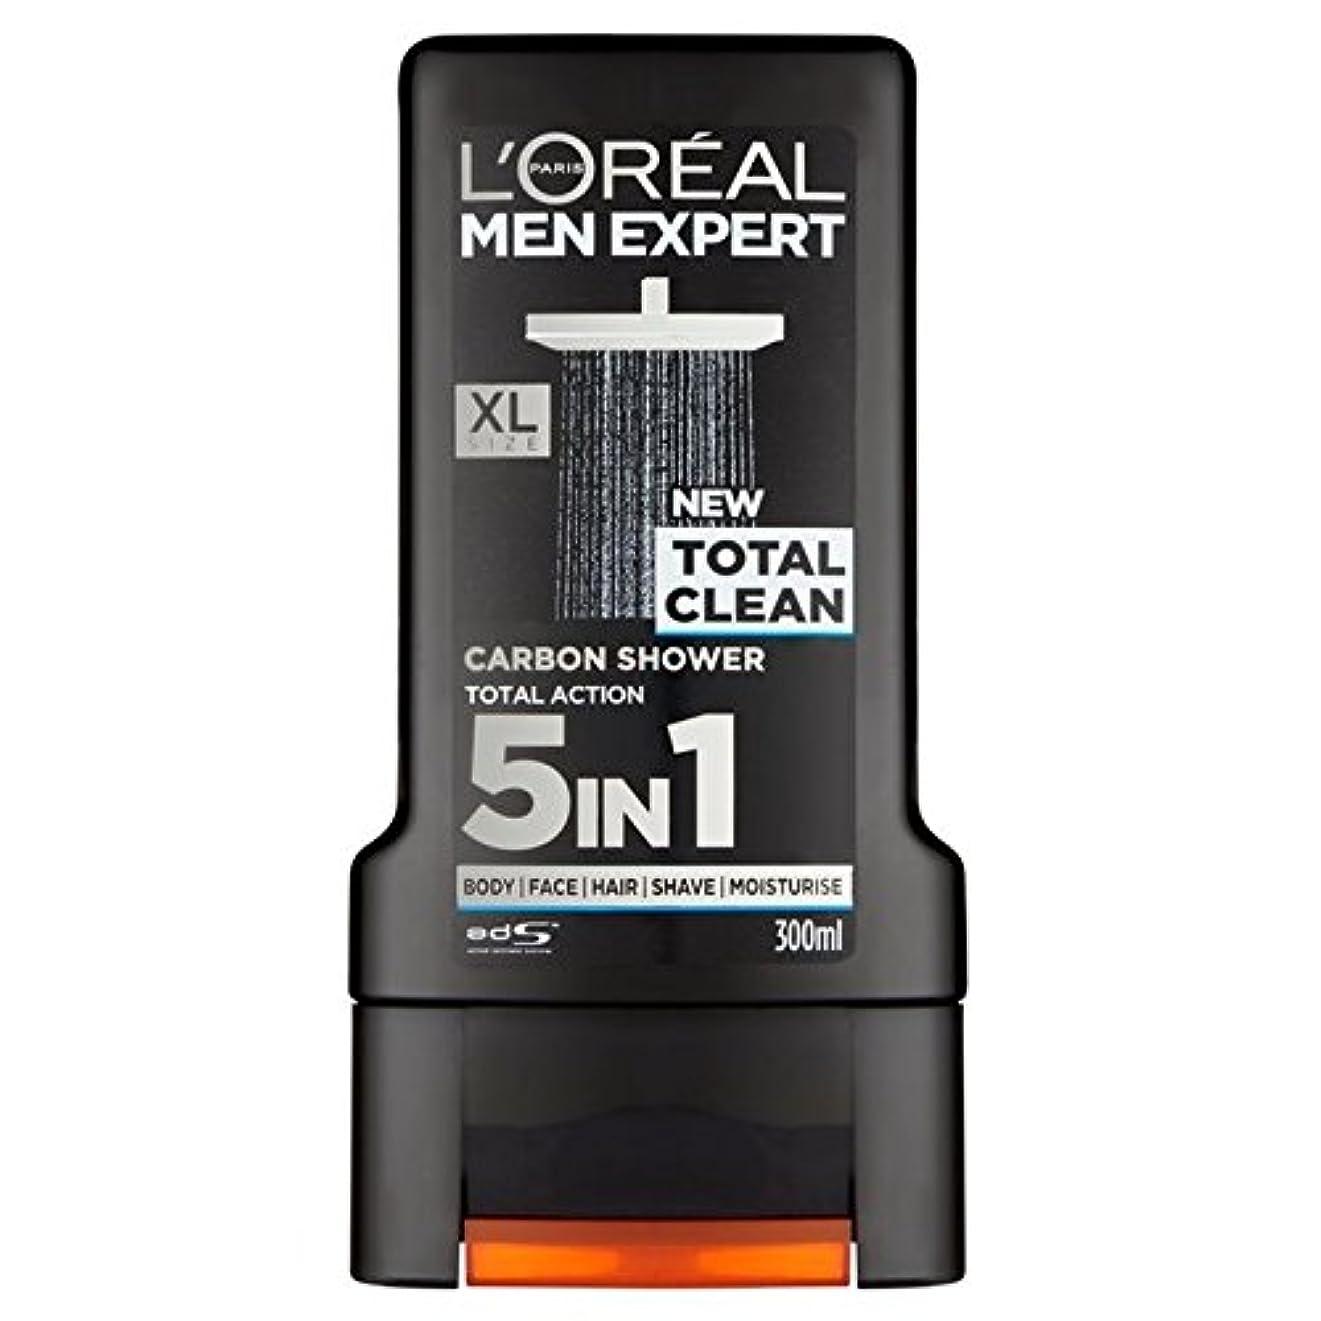 ベックス発音するトラックロレアルパリのメンズ専門トータルクリーンシャワージェル300ミリリットル x4 - L'Oreal Paris Men Expert Total Clean Shower Gel 300ml (Pack of 4) [並行輸入品]